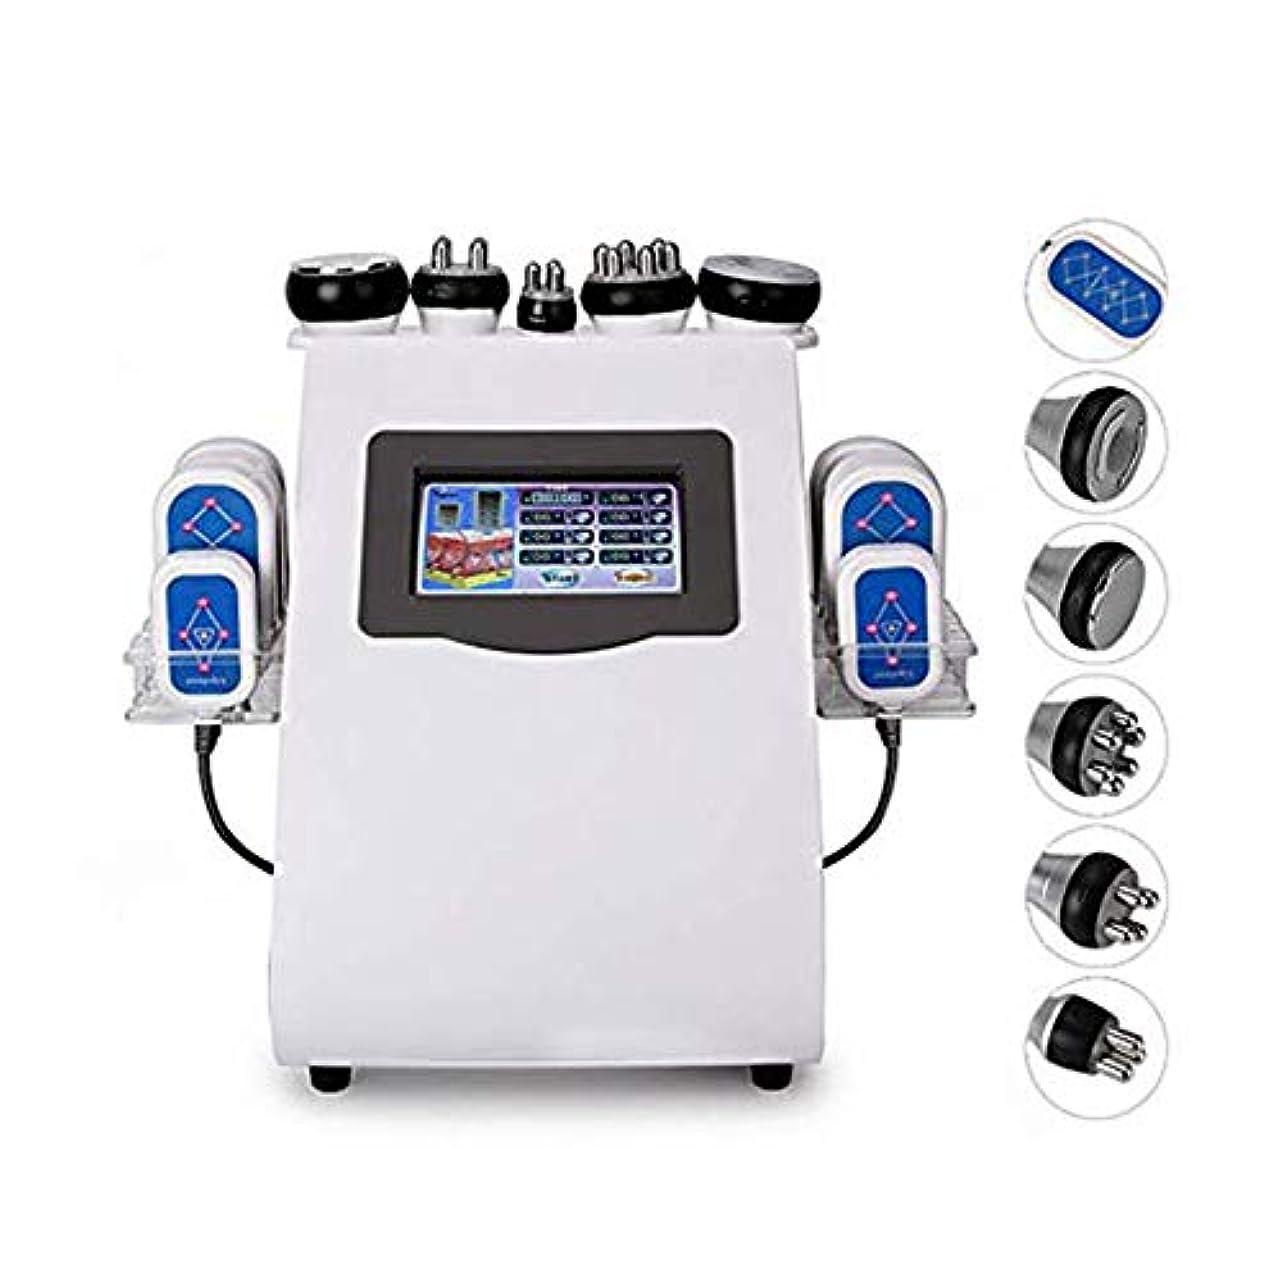 ヘッジ分泌する完全に超音波キャビテーション抗セルライトネガティブボディ痩身マシン、脂肪燃焼と無線周波数アンチエイジングスキンリフティング引き締めしわ美容機器の除去